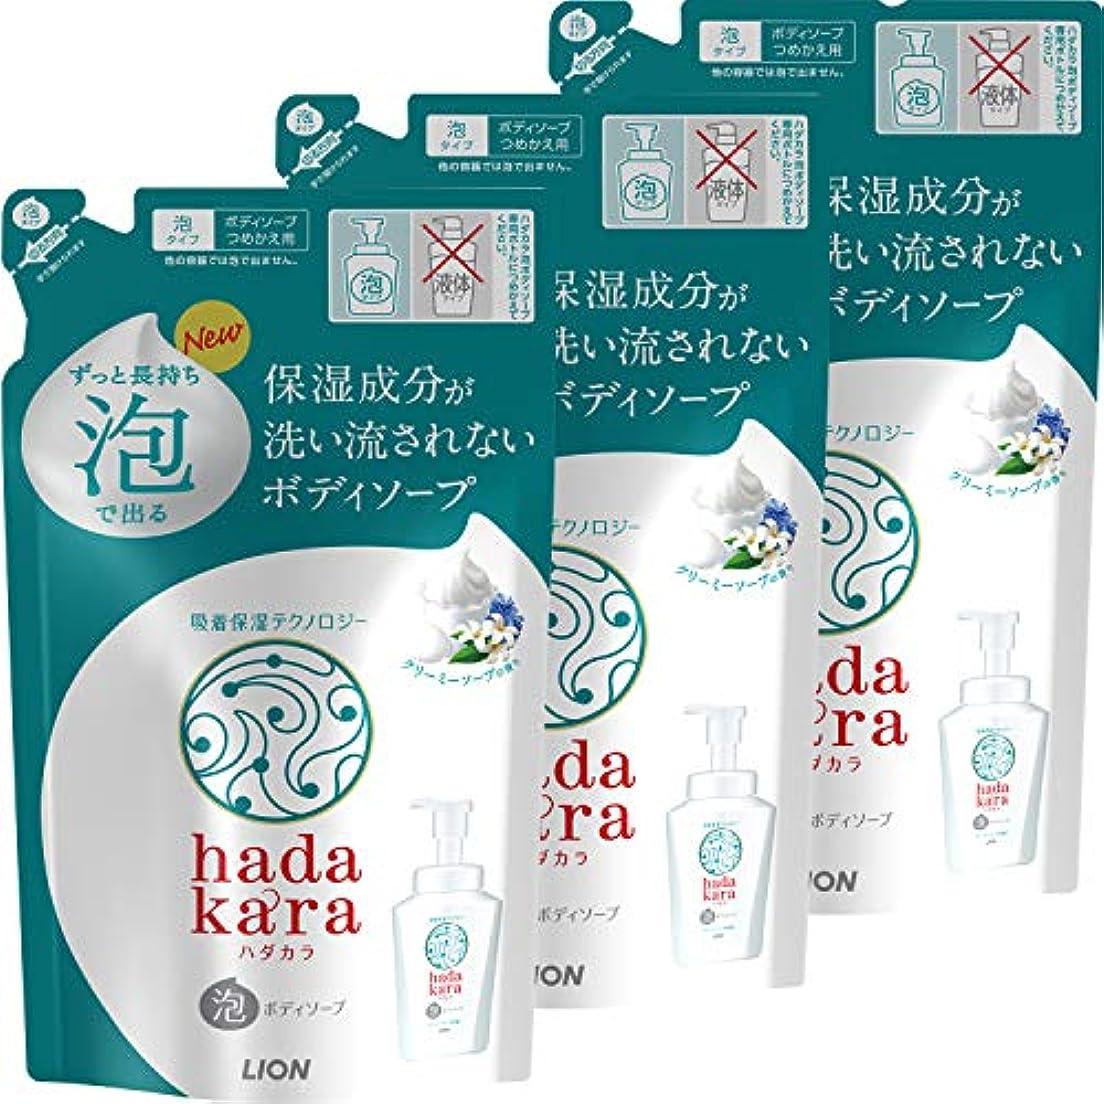 入札チャネル観察するhadakara(ハダカラ) ボディソープ 泡タイプ クリーミーソープの香り 詰替440ml×3個